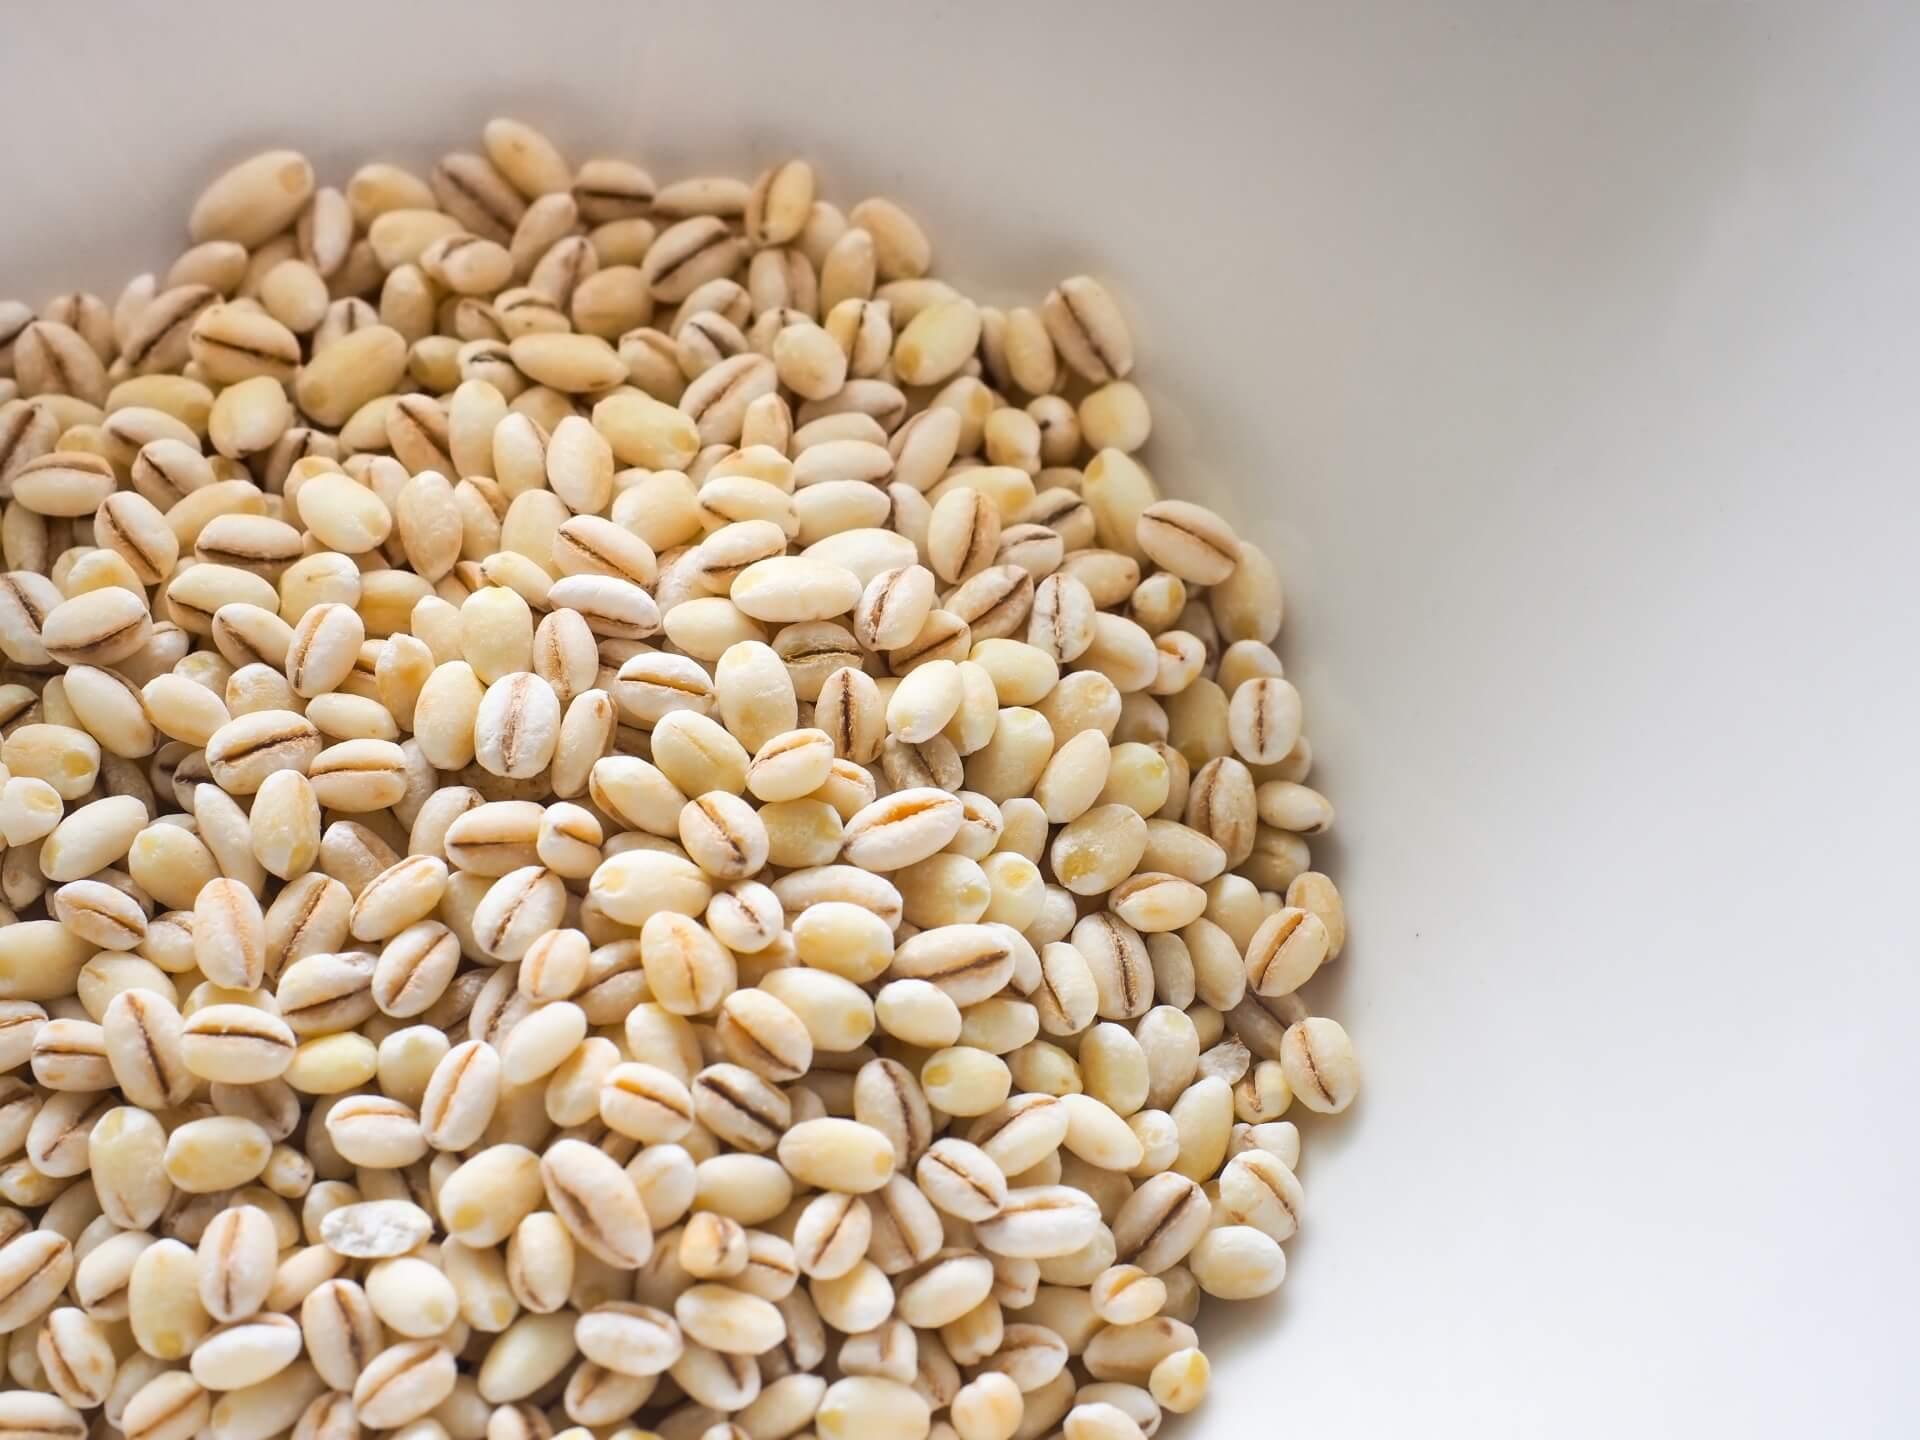 もち麦の成分とは